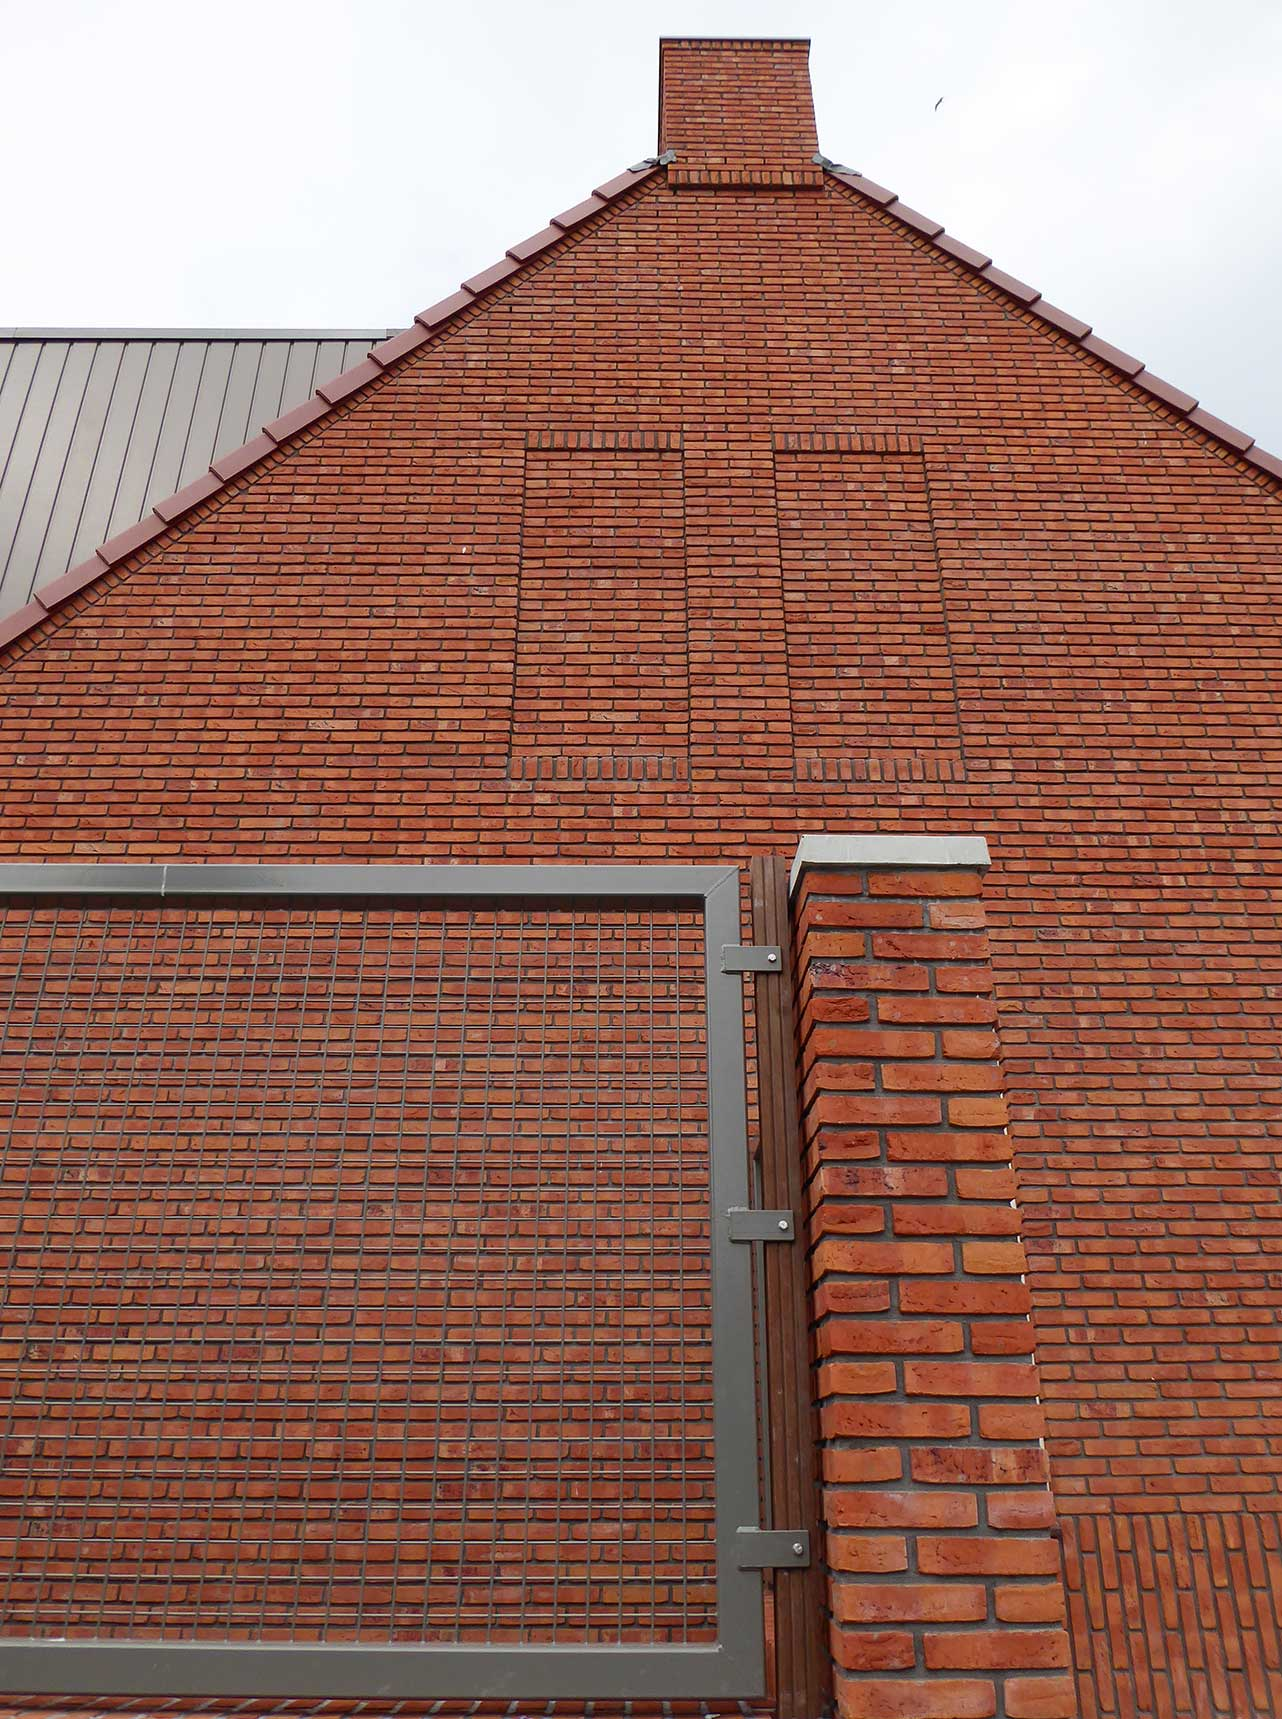 Havenbuurt Zaandam muur met bijzonder metselwerkdetails